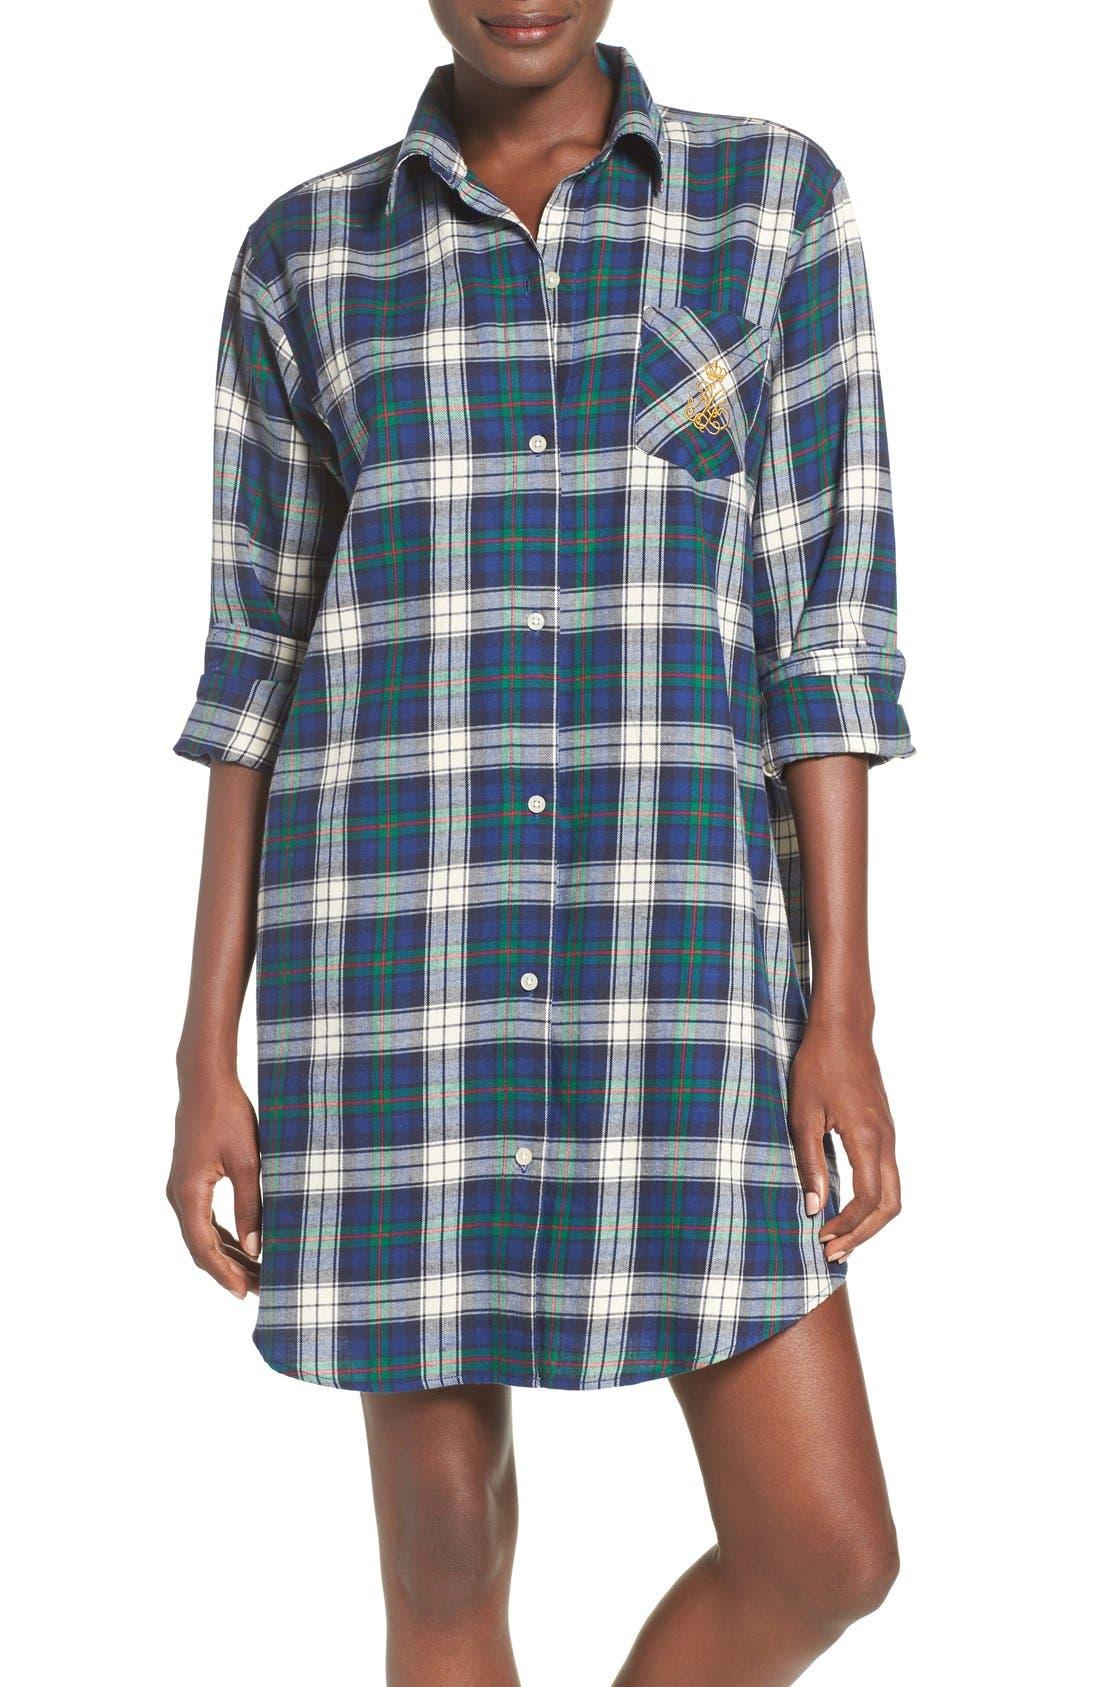 Plaid Woven Sleep Shirt,                             Main thumbnail 1, color,                             Plaid Cream/ Blue/ Green